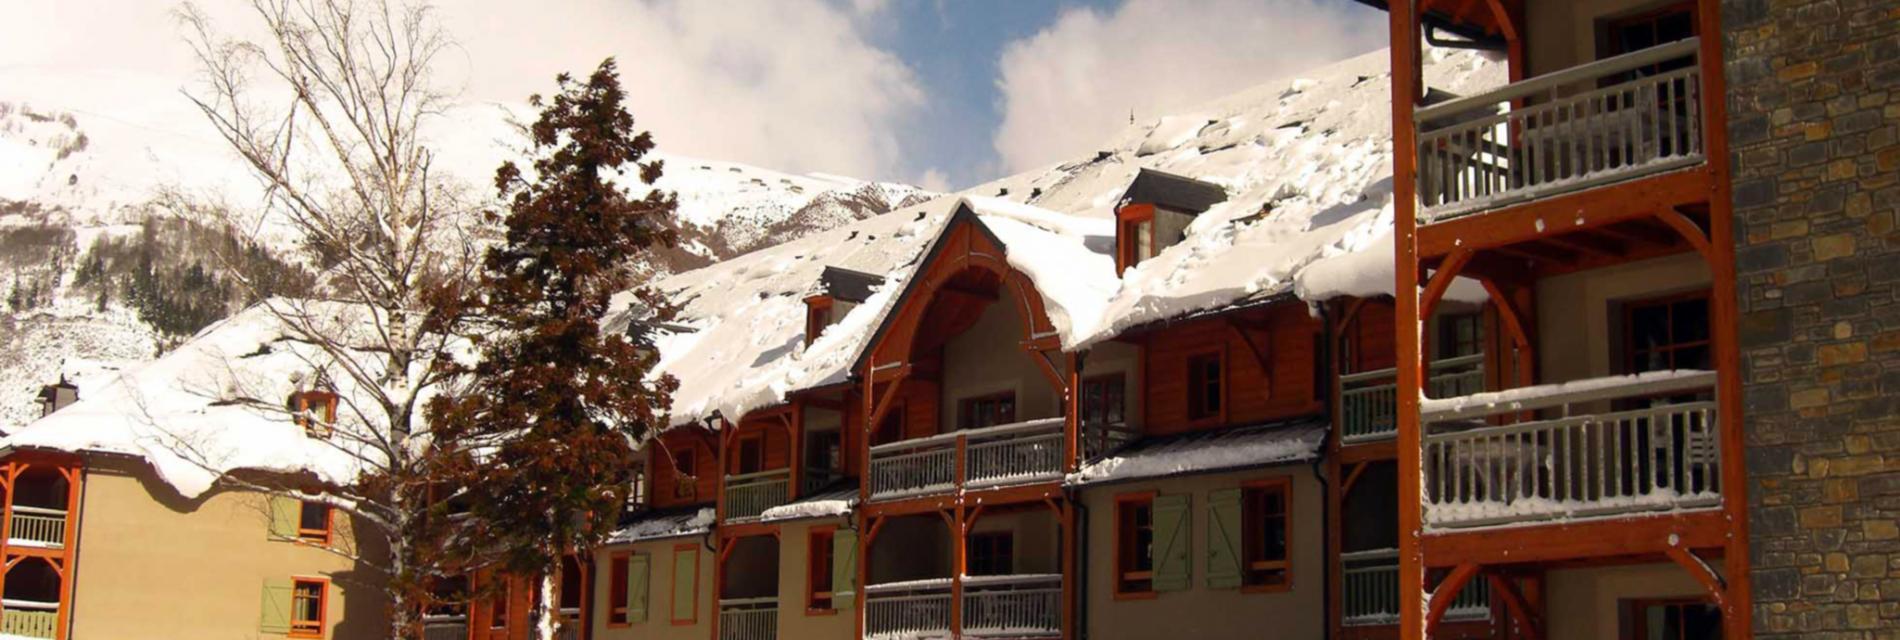 Slide Résidence Cami Réal - Saint-Lary Soulan sous la neige